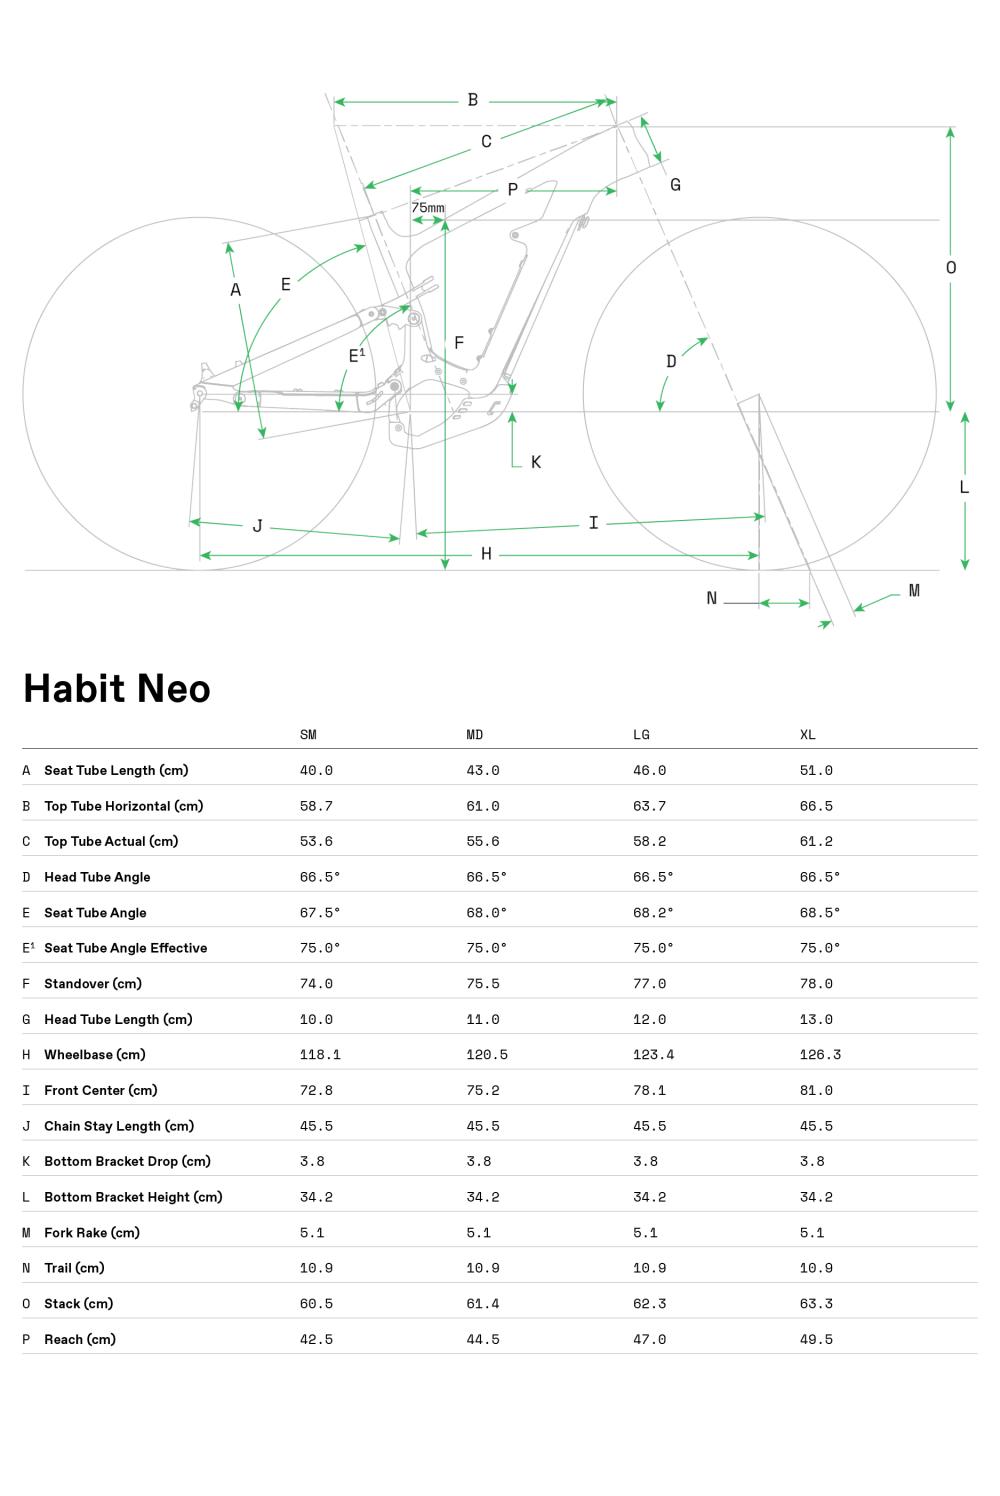 Habit Neo 3+ -